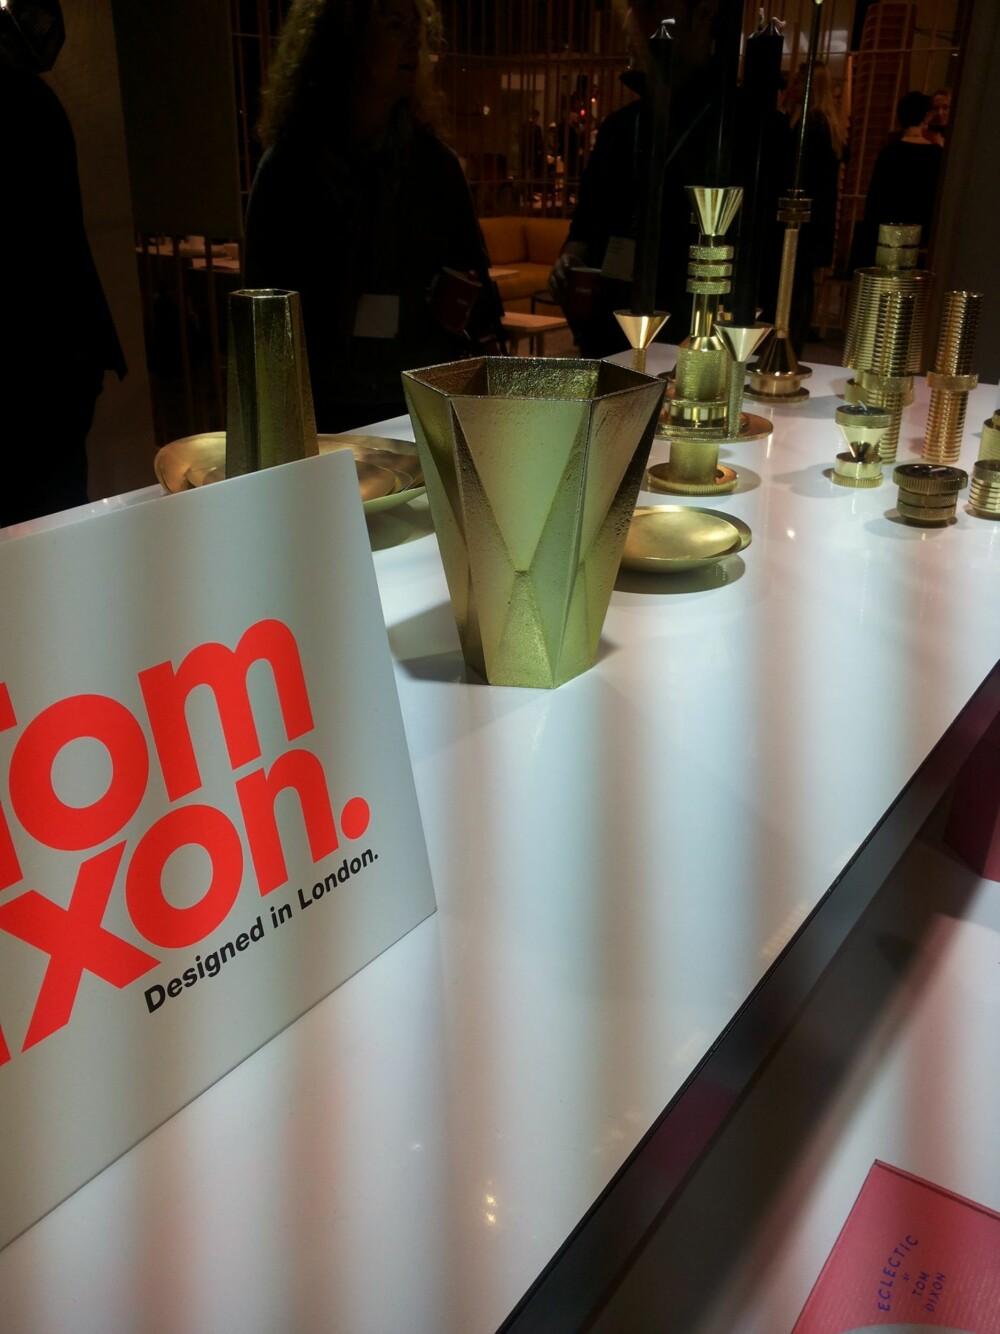 FOTO: Tom Dixons produkter gir en følelse av luksus.